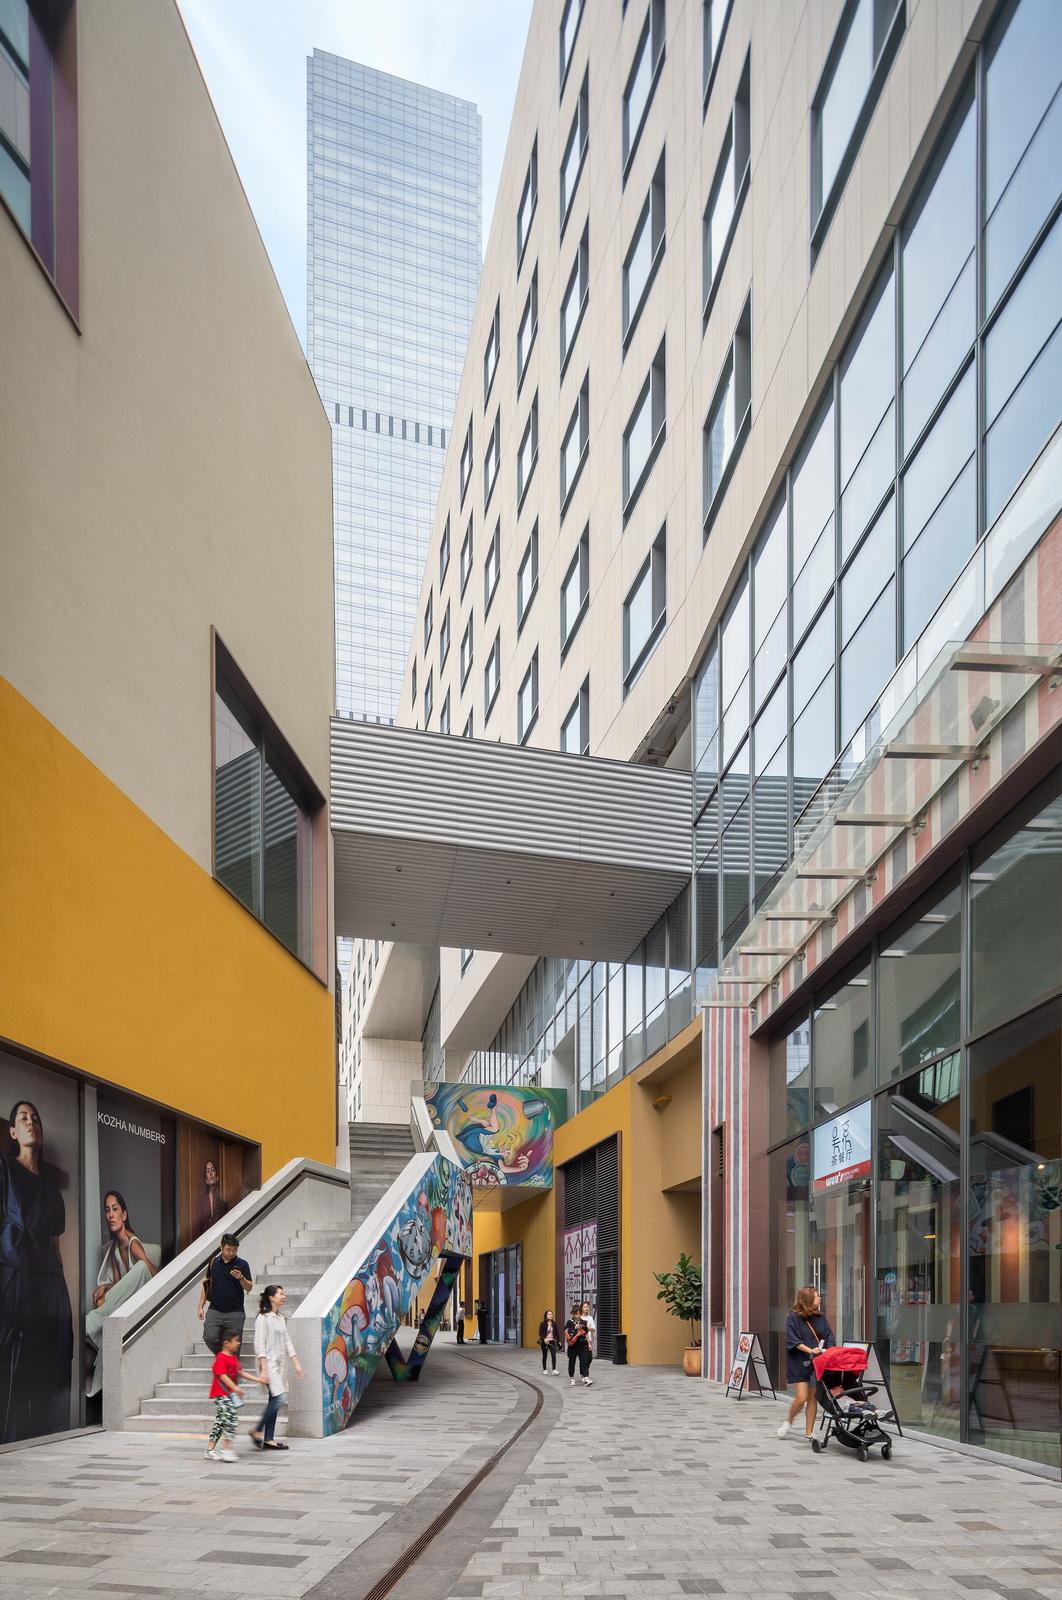 08 Inner street 内街 3